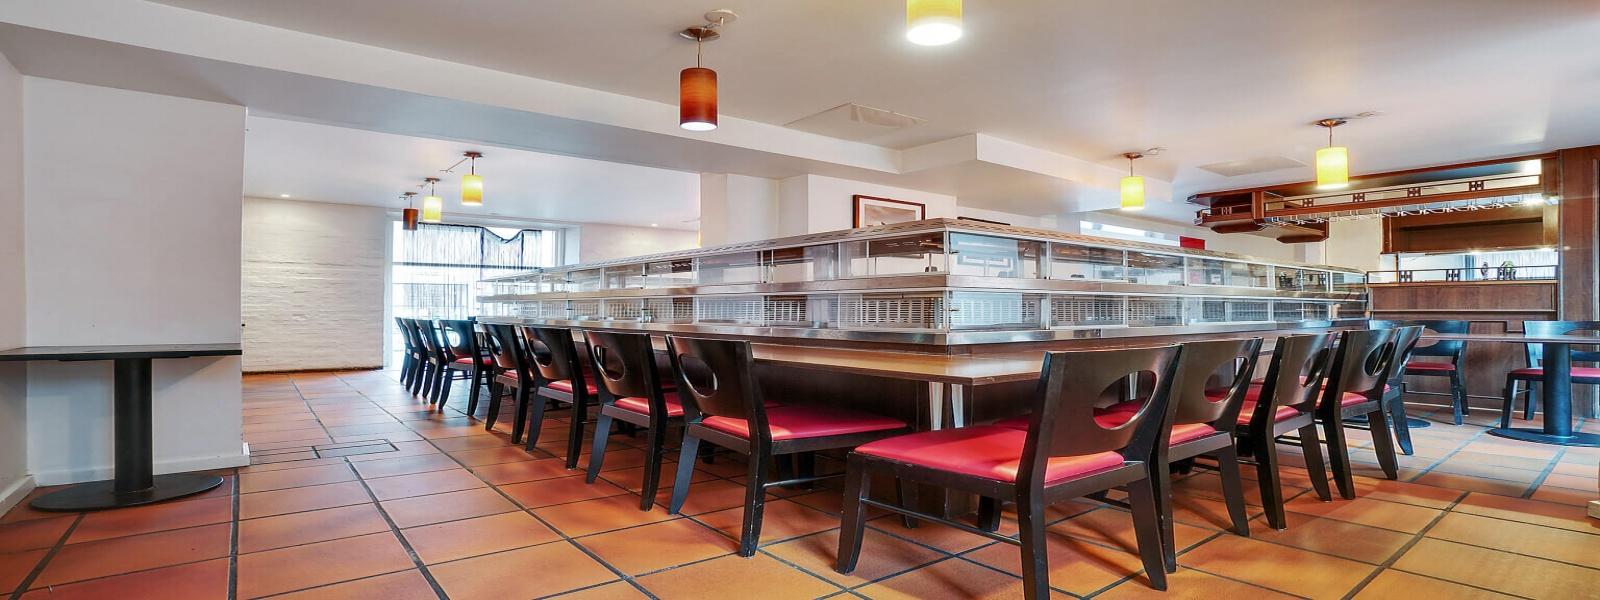 Restaurant,Til salg,1262